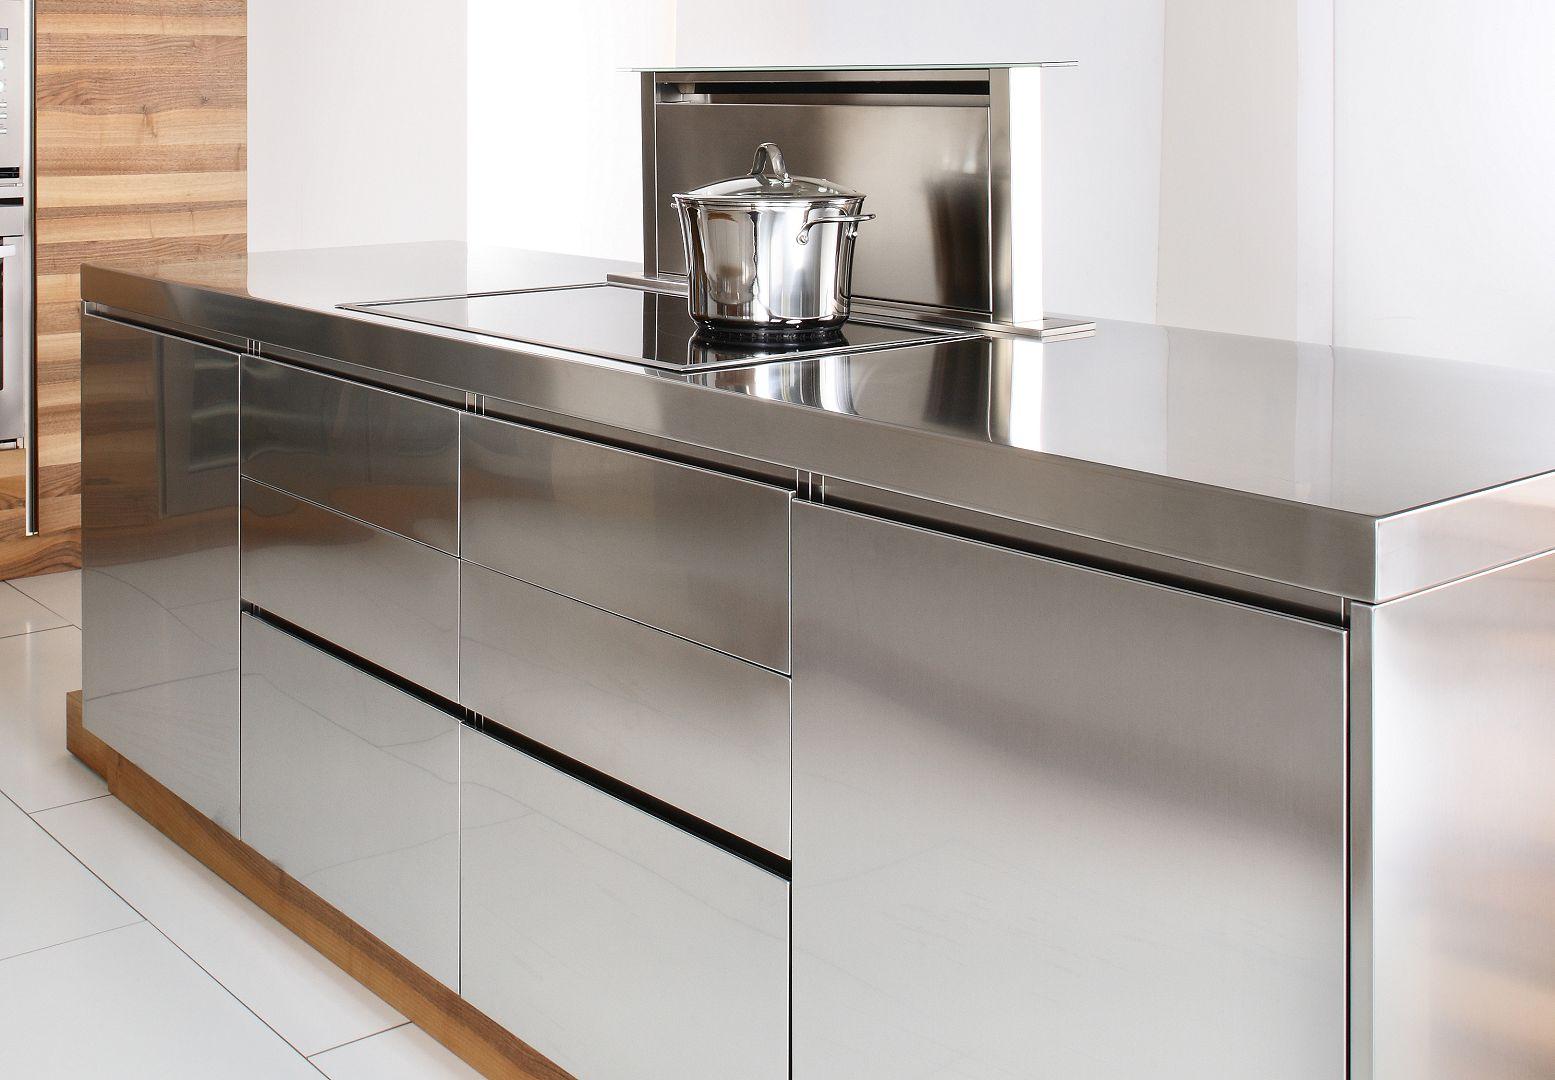 Arca Cucine Italia - Cucine Domestiche Acciaio Inox - Open - Dettaglio Maniglia E Cappa